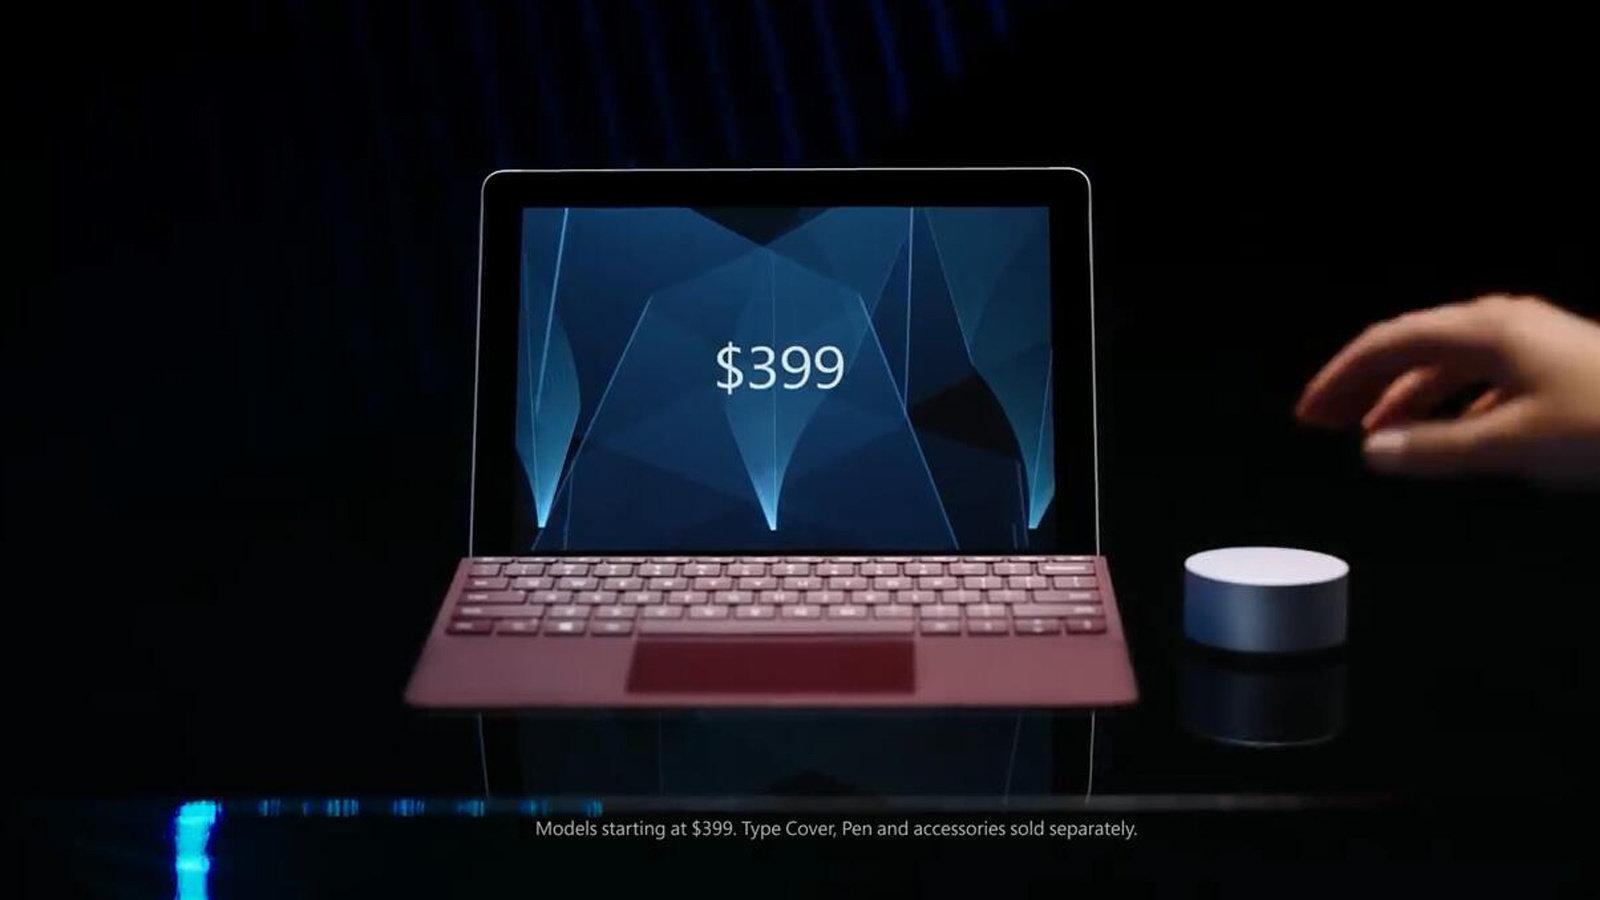 微软公布Surface Go笔记本,售价399美元